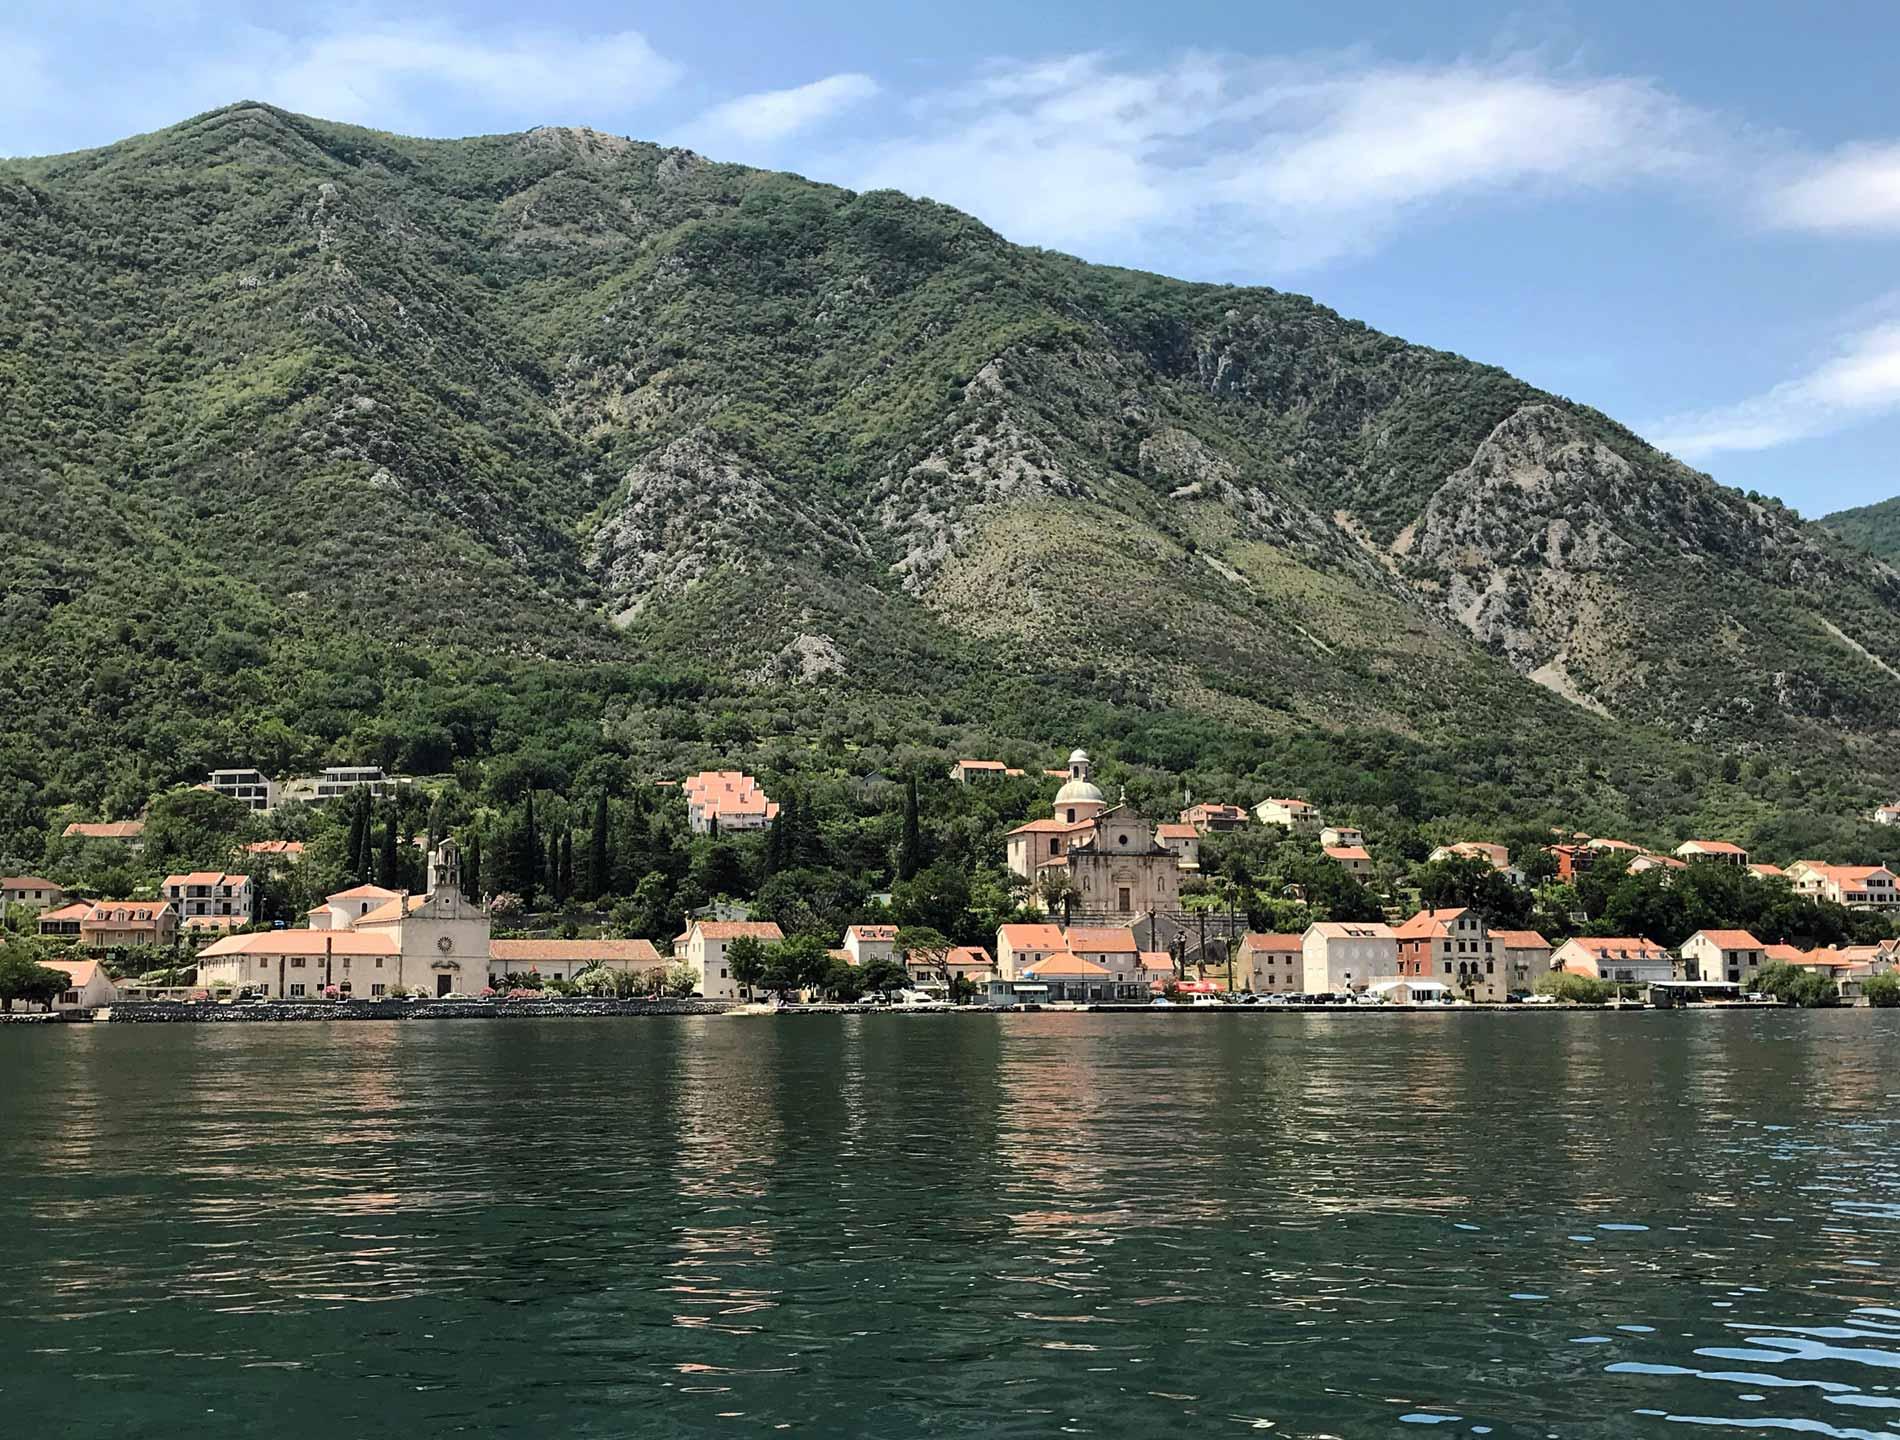 Bocche-di-Cattaro-Montenegro-Perzagno-vista-dal-mare-chiese-montagna